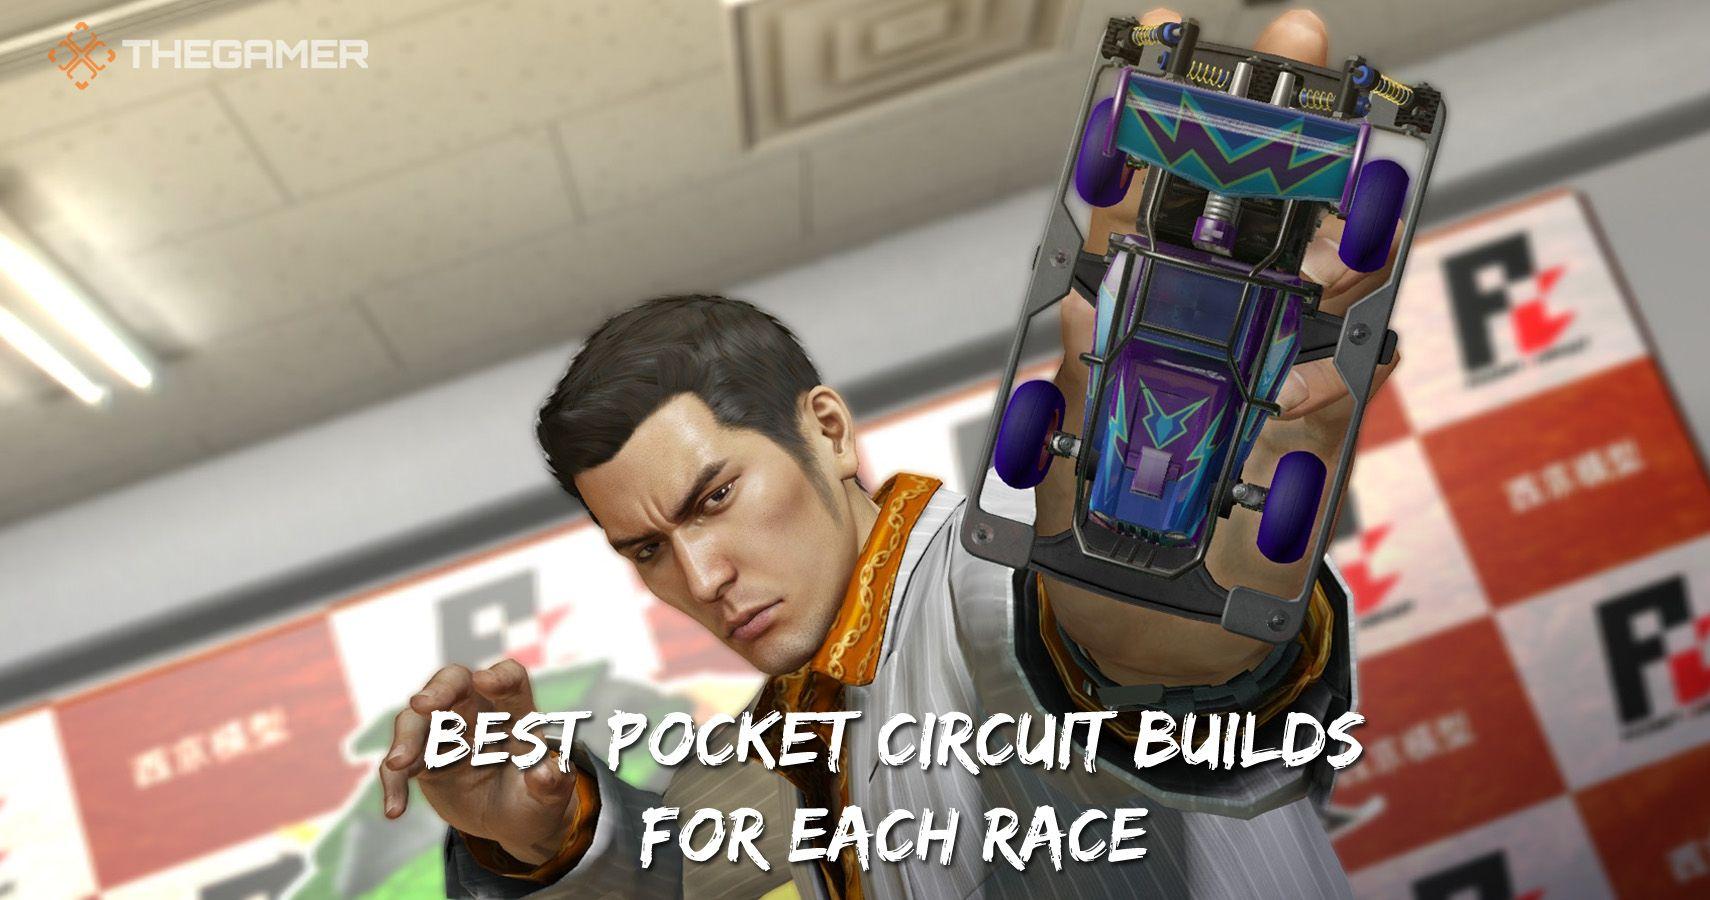 Yakuza 0: Guía de las mejores construcciones de circuitos de bolsillo para cada carrera